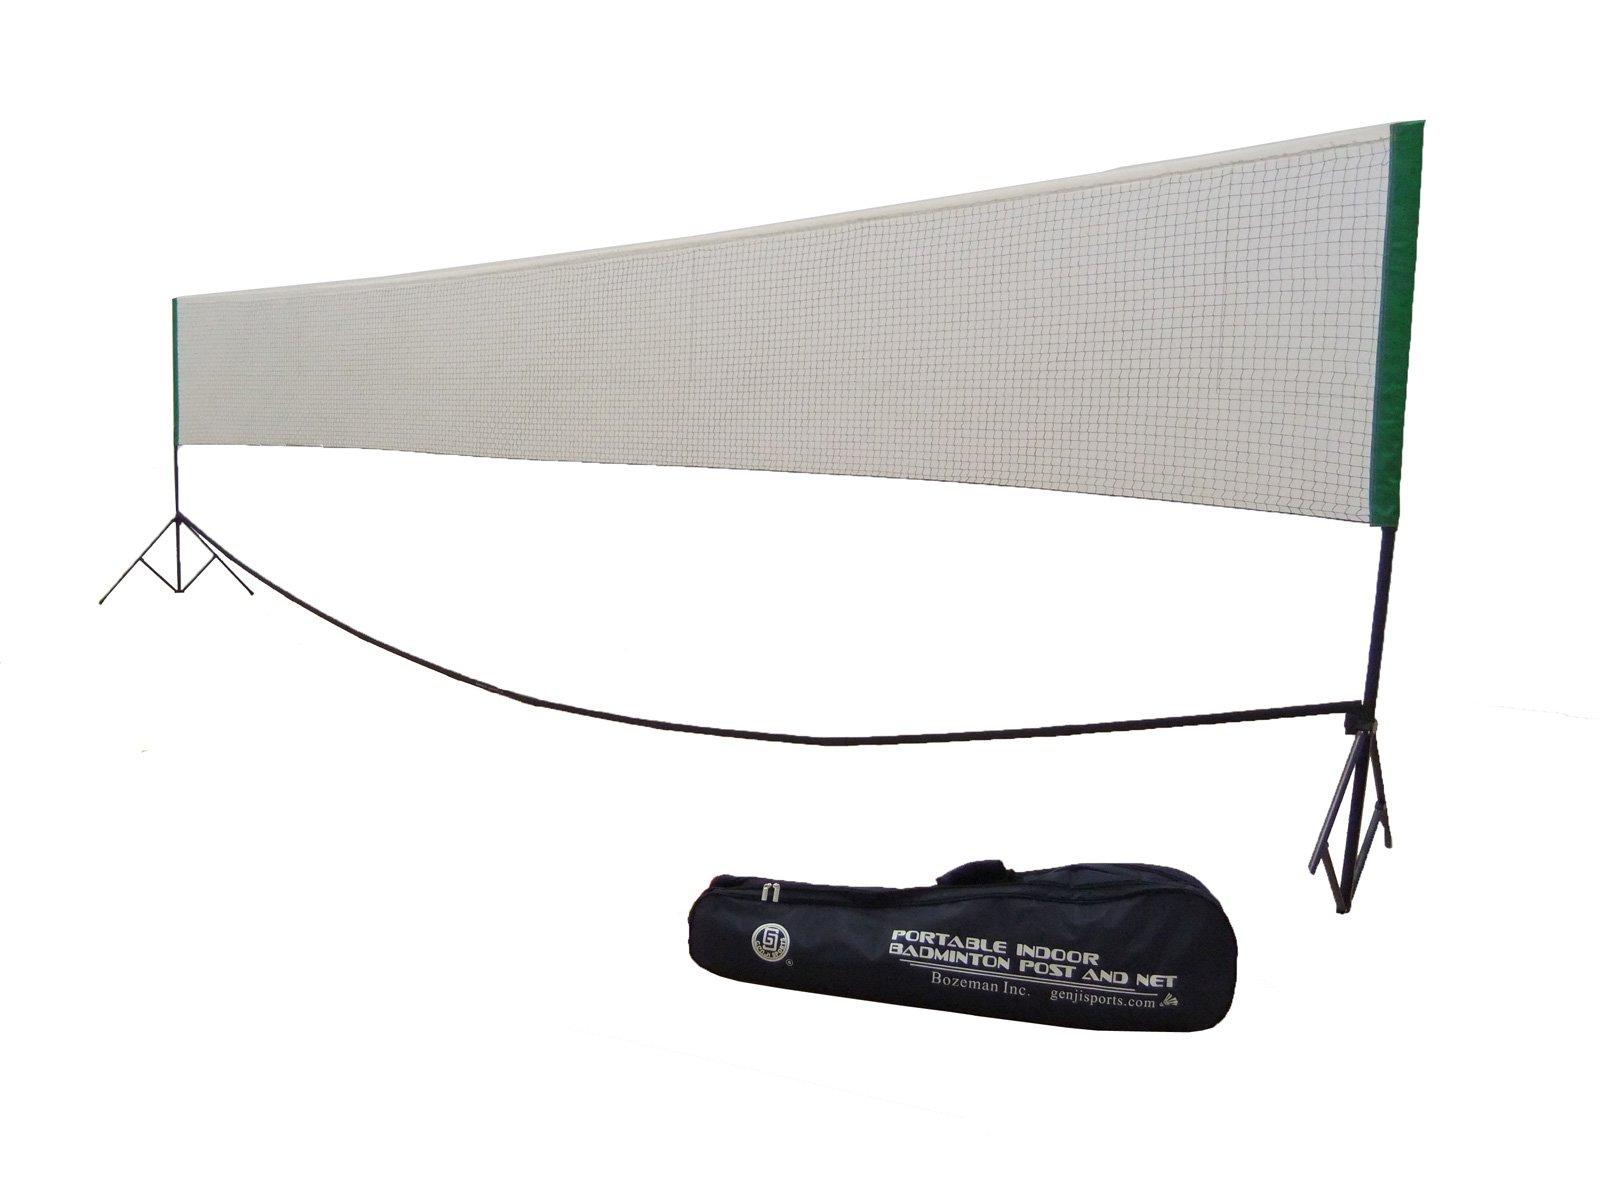 Genji Sports Portable Indoor Badminton, Outdoor Post and Net Set